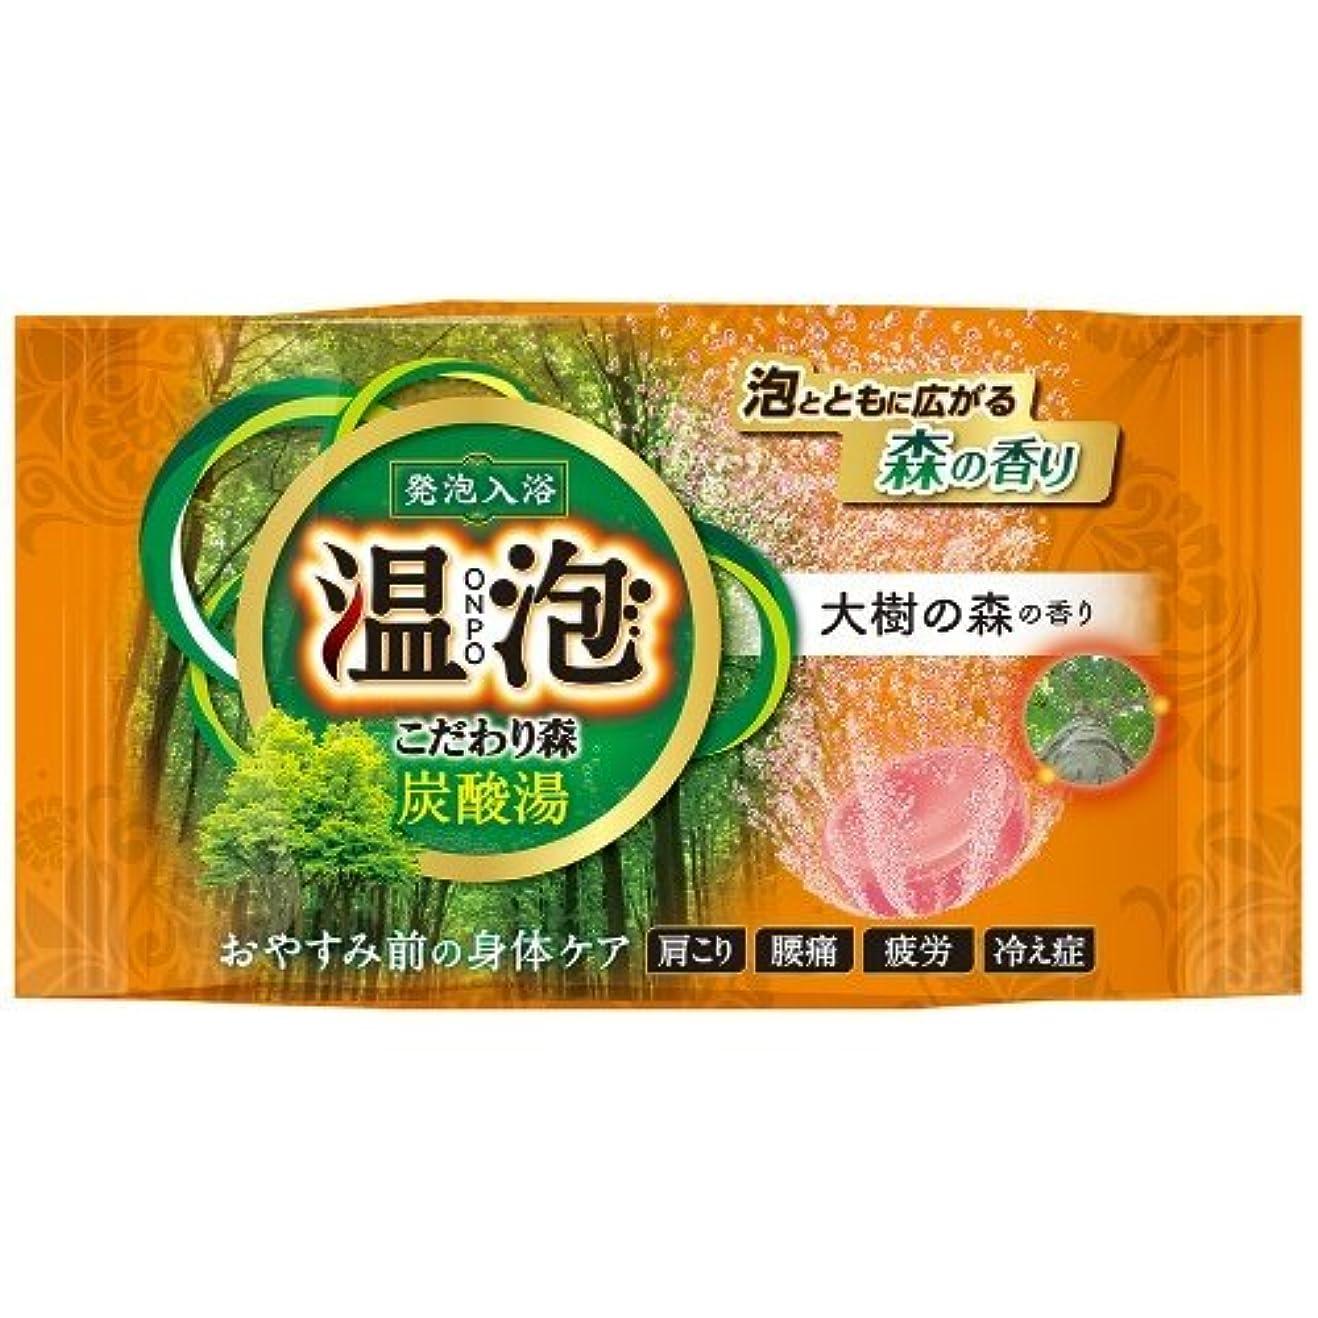 [アース製薬] 温泡 ONPO こだわり森 炭酸湯 大樹の森 1錠